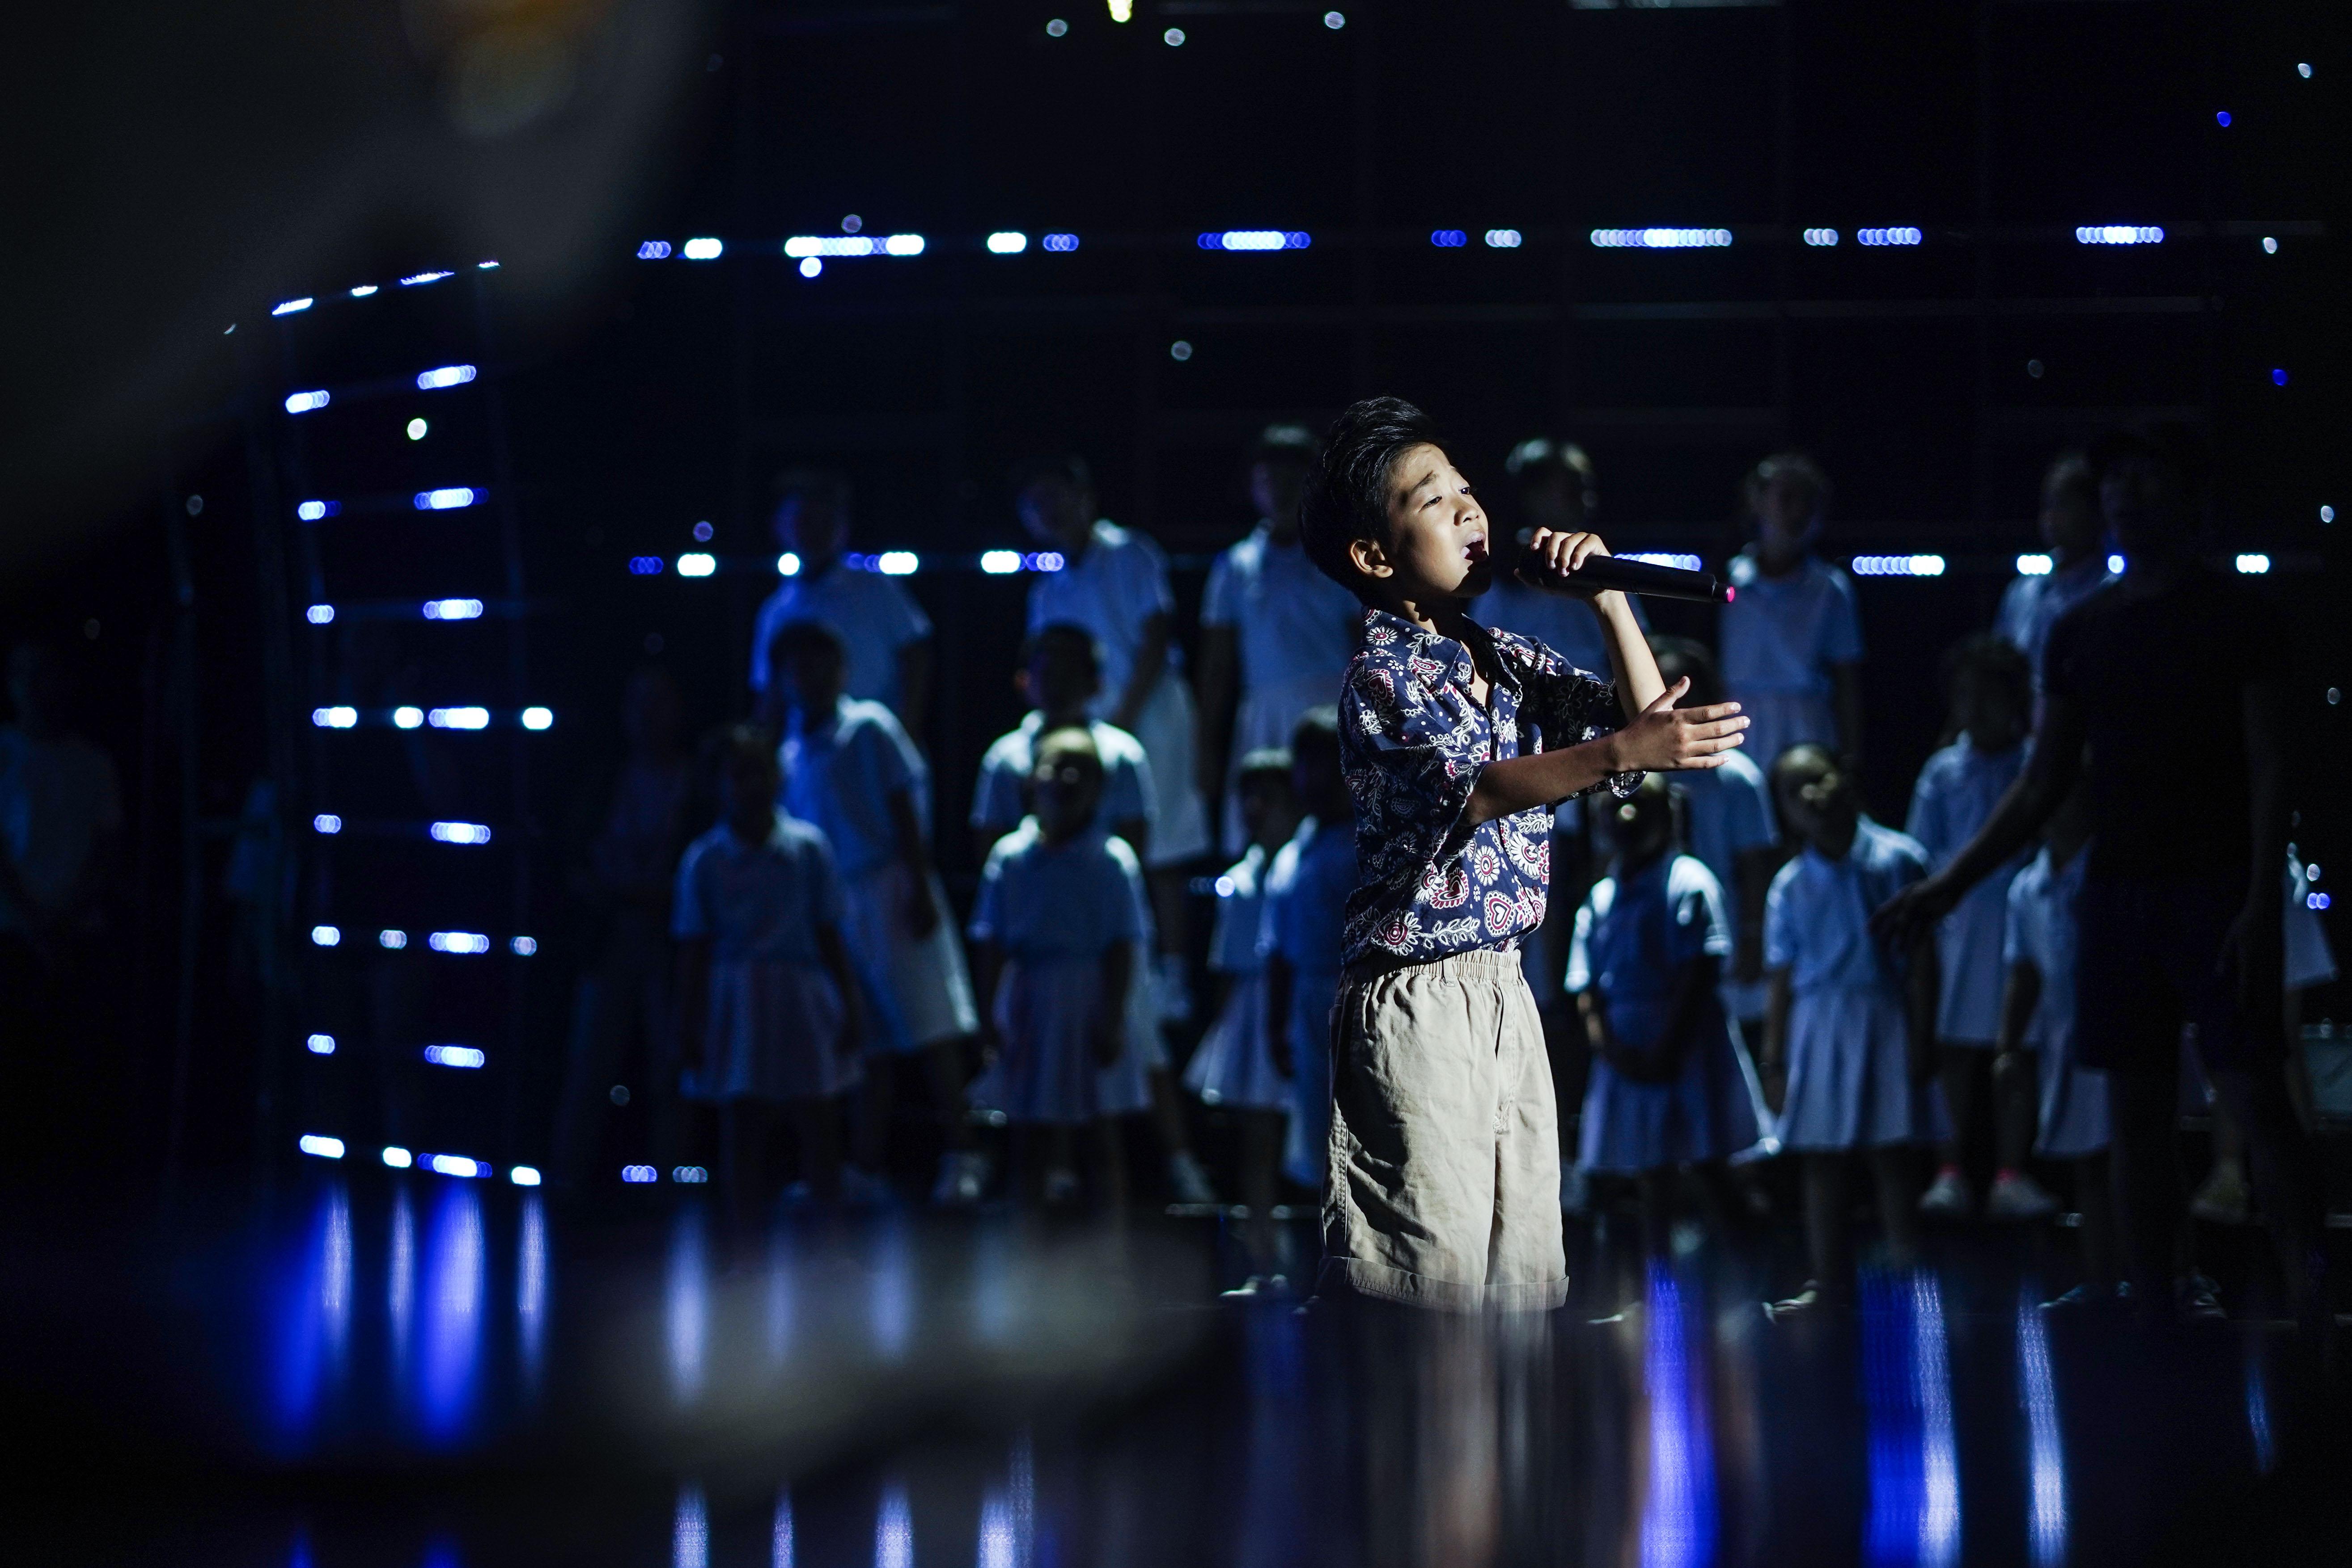 Nhạc sĩ Nguyễn Hải Phong sáng tác ca khúc về mẹ cho phim Anh Thầy Ngôi Sao